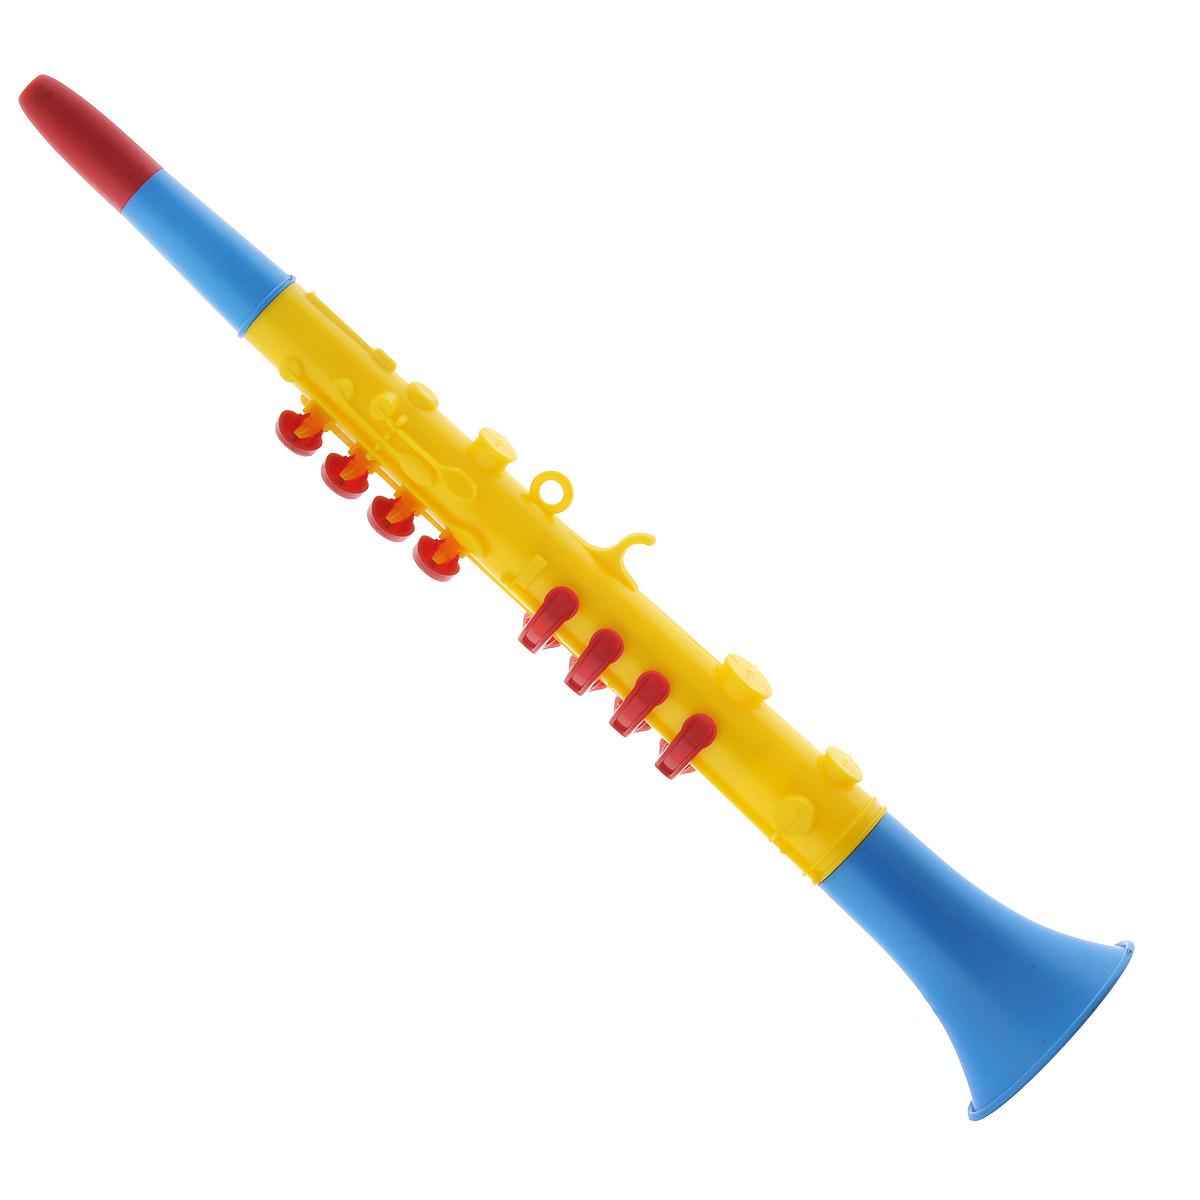 Музыкальная игрушка Domenech Кларнет03/09311Музыкальная игрушка Domenech Кларнет представляет собой духовой инструмент, выполненный из пластика ярких цветов. На нем расположены восемь клавиш, которые нужно поочередно зажимать. Ребенок быстро освоит игру на кларнете и будет придумывать все новые и новые мелодии. Игра на этом замечательном инструменте поможет развить звуковое восприятие, концентрацию внимания и мелкую моторику рук ребенка. Порадуйте вашего малыша таким замечательным подарком!